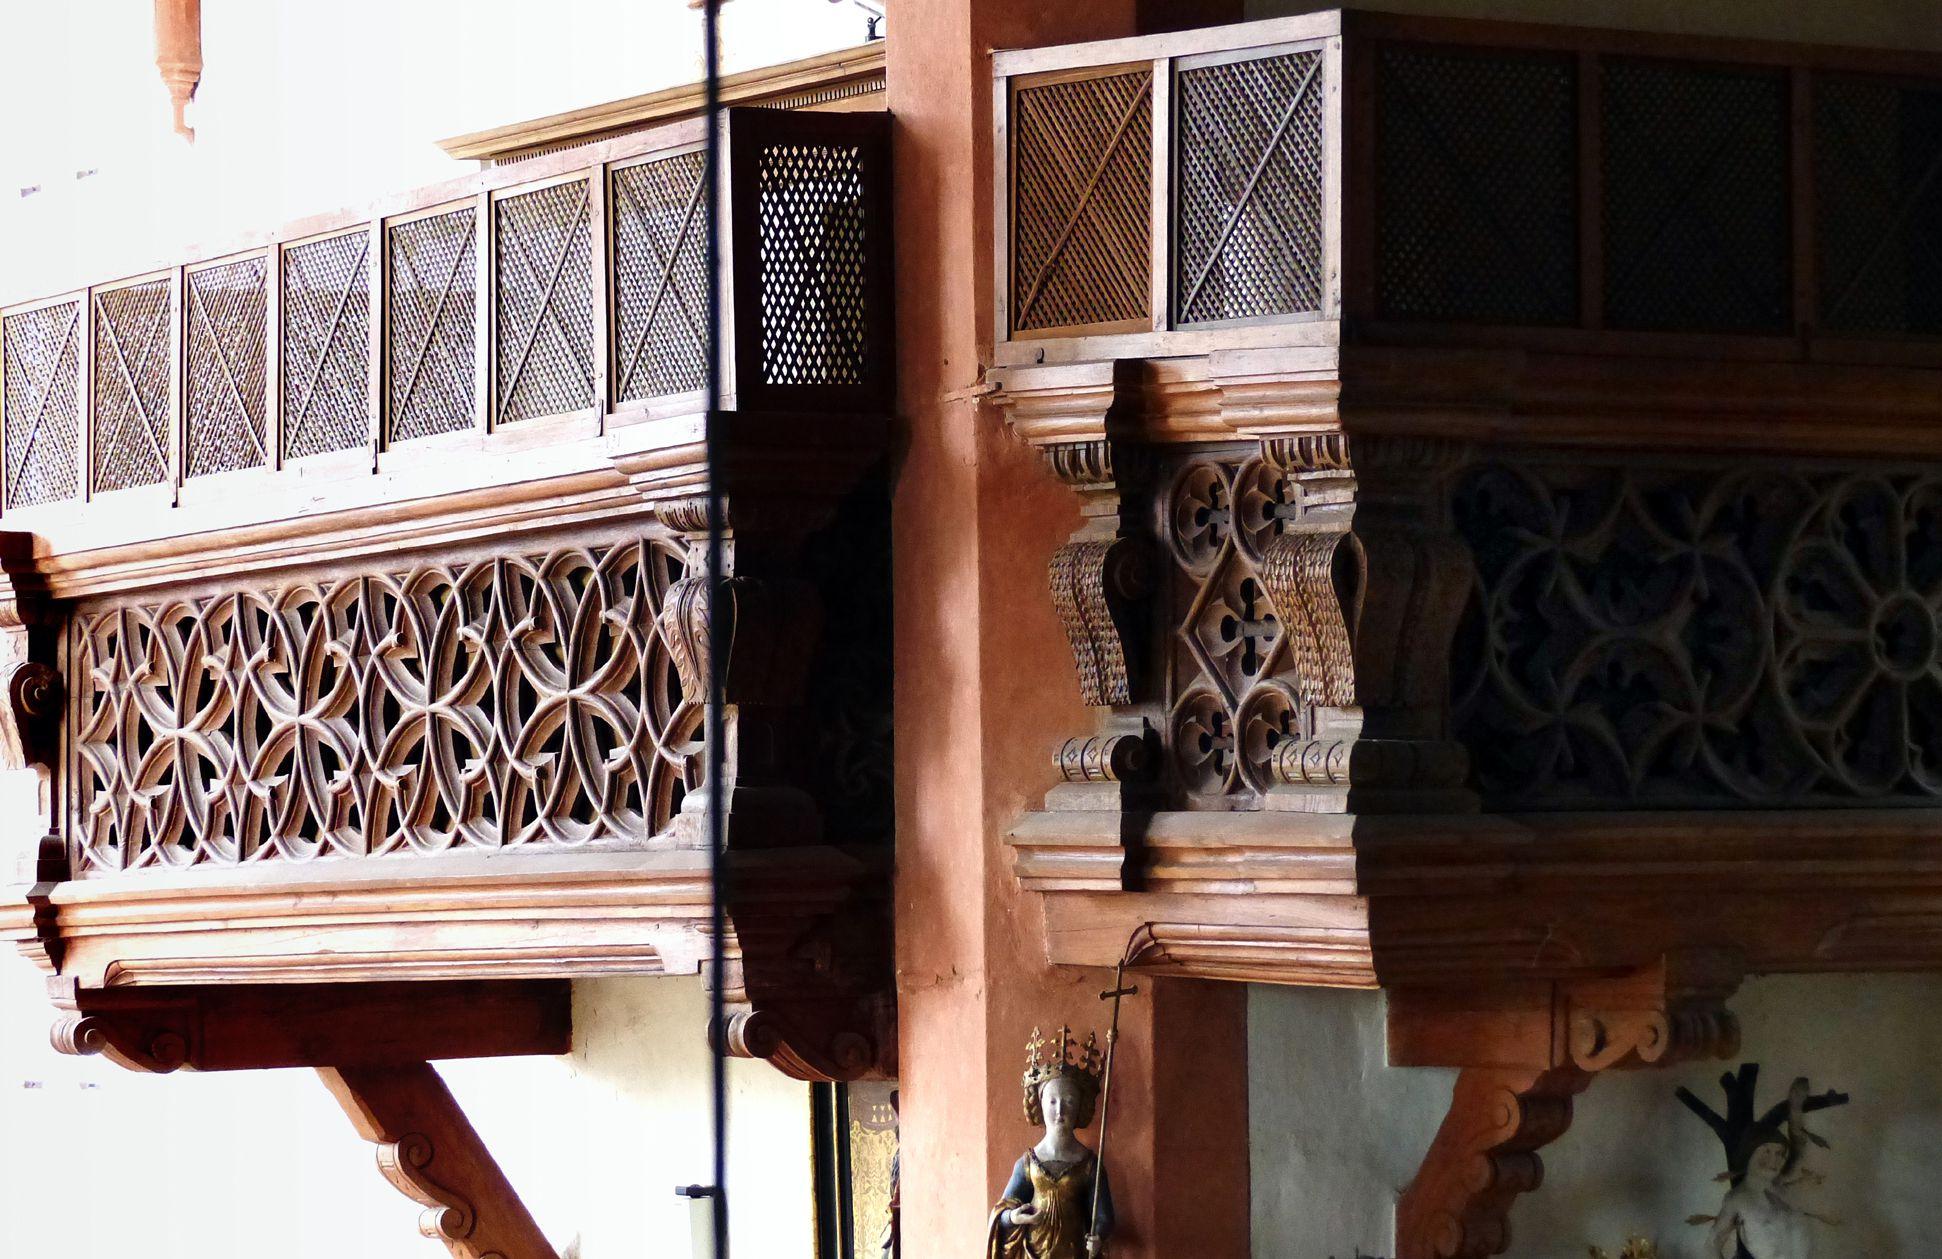 Holzemporen in der Kirche St. Marien und Christophorus, Kalbensteinberg Ecke der Herrschaftsloge